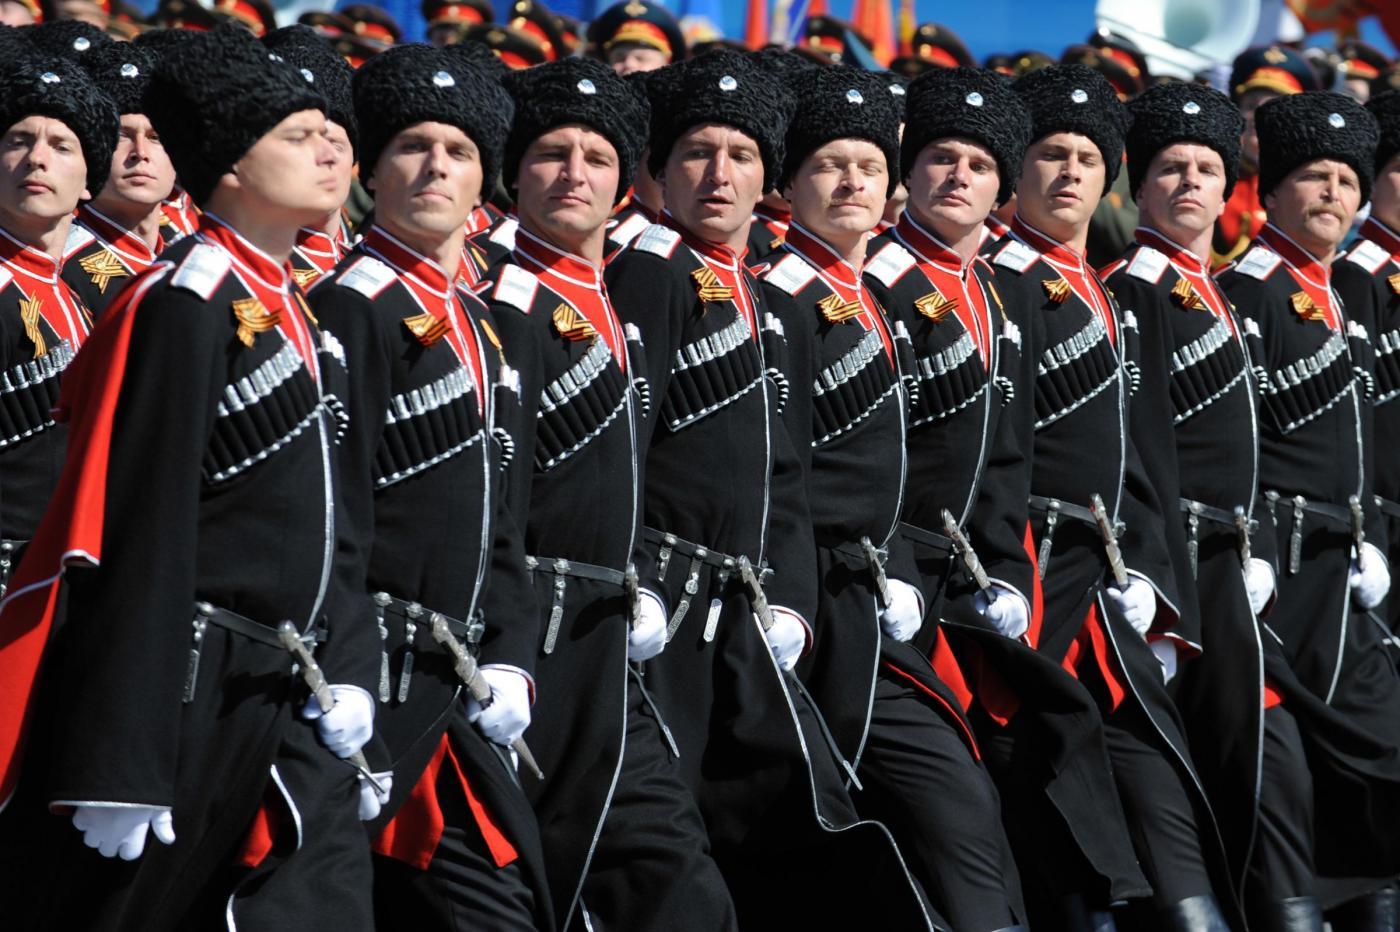 Russia: parata militare nel Giorno della Vittoria boicottata dai leader occidentali